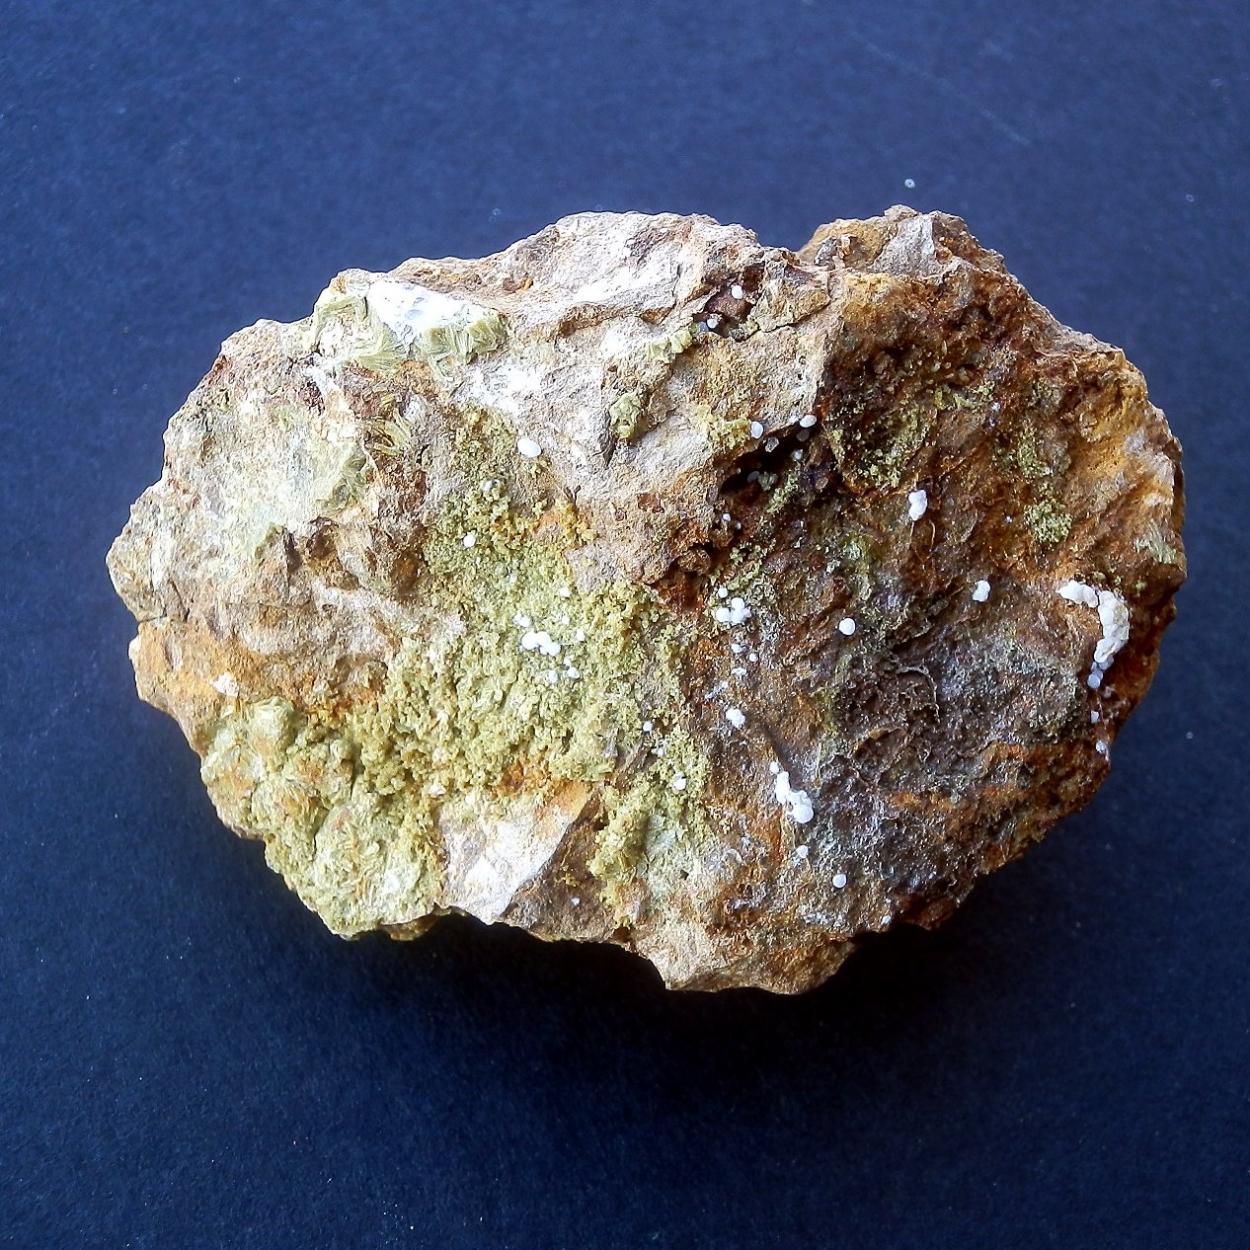 Calcioferrite & Fluorapatite & Hydroxylapatite